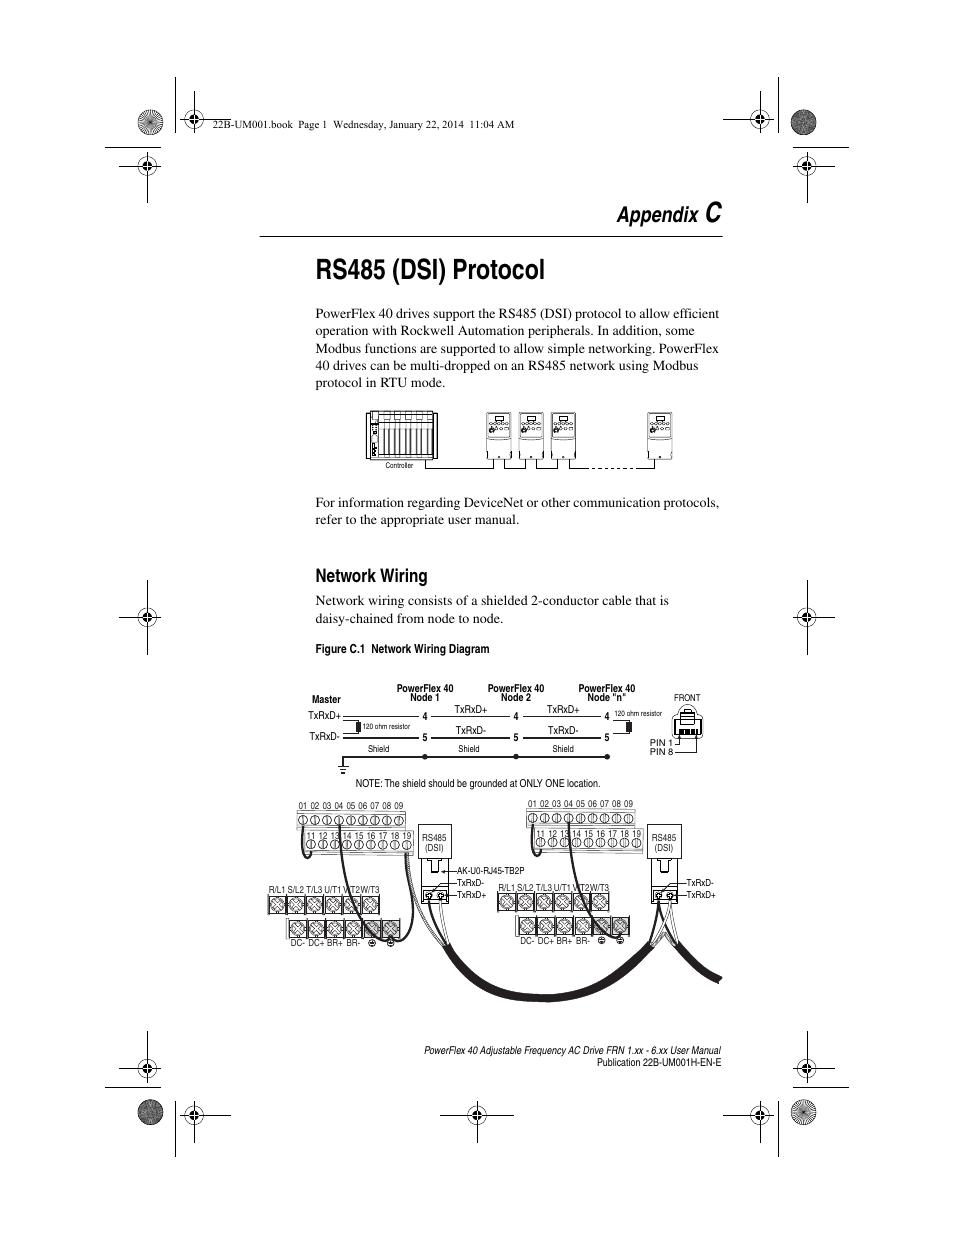 powerflex 40 ethernet wiring diagram